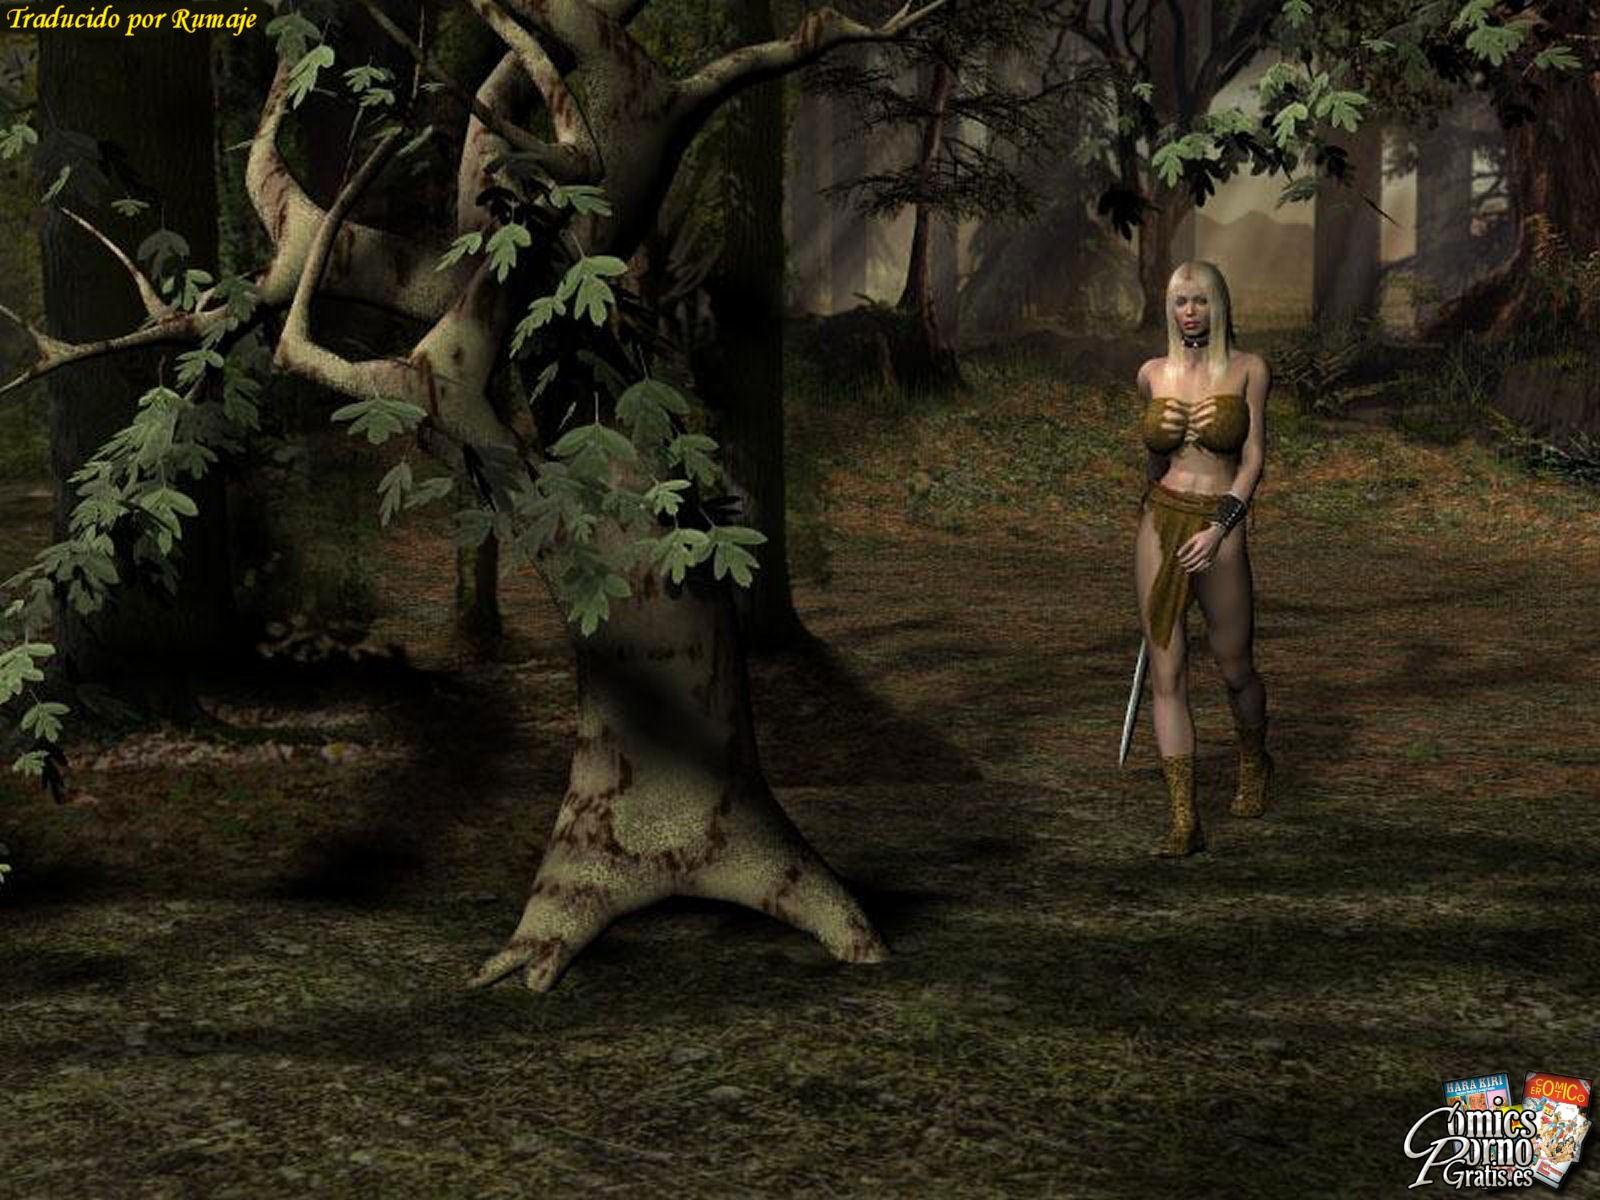 Смотреть онлайн wolfmen and centaurs 6 фотография